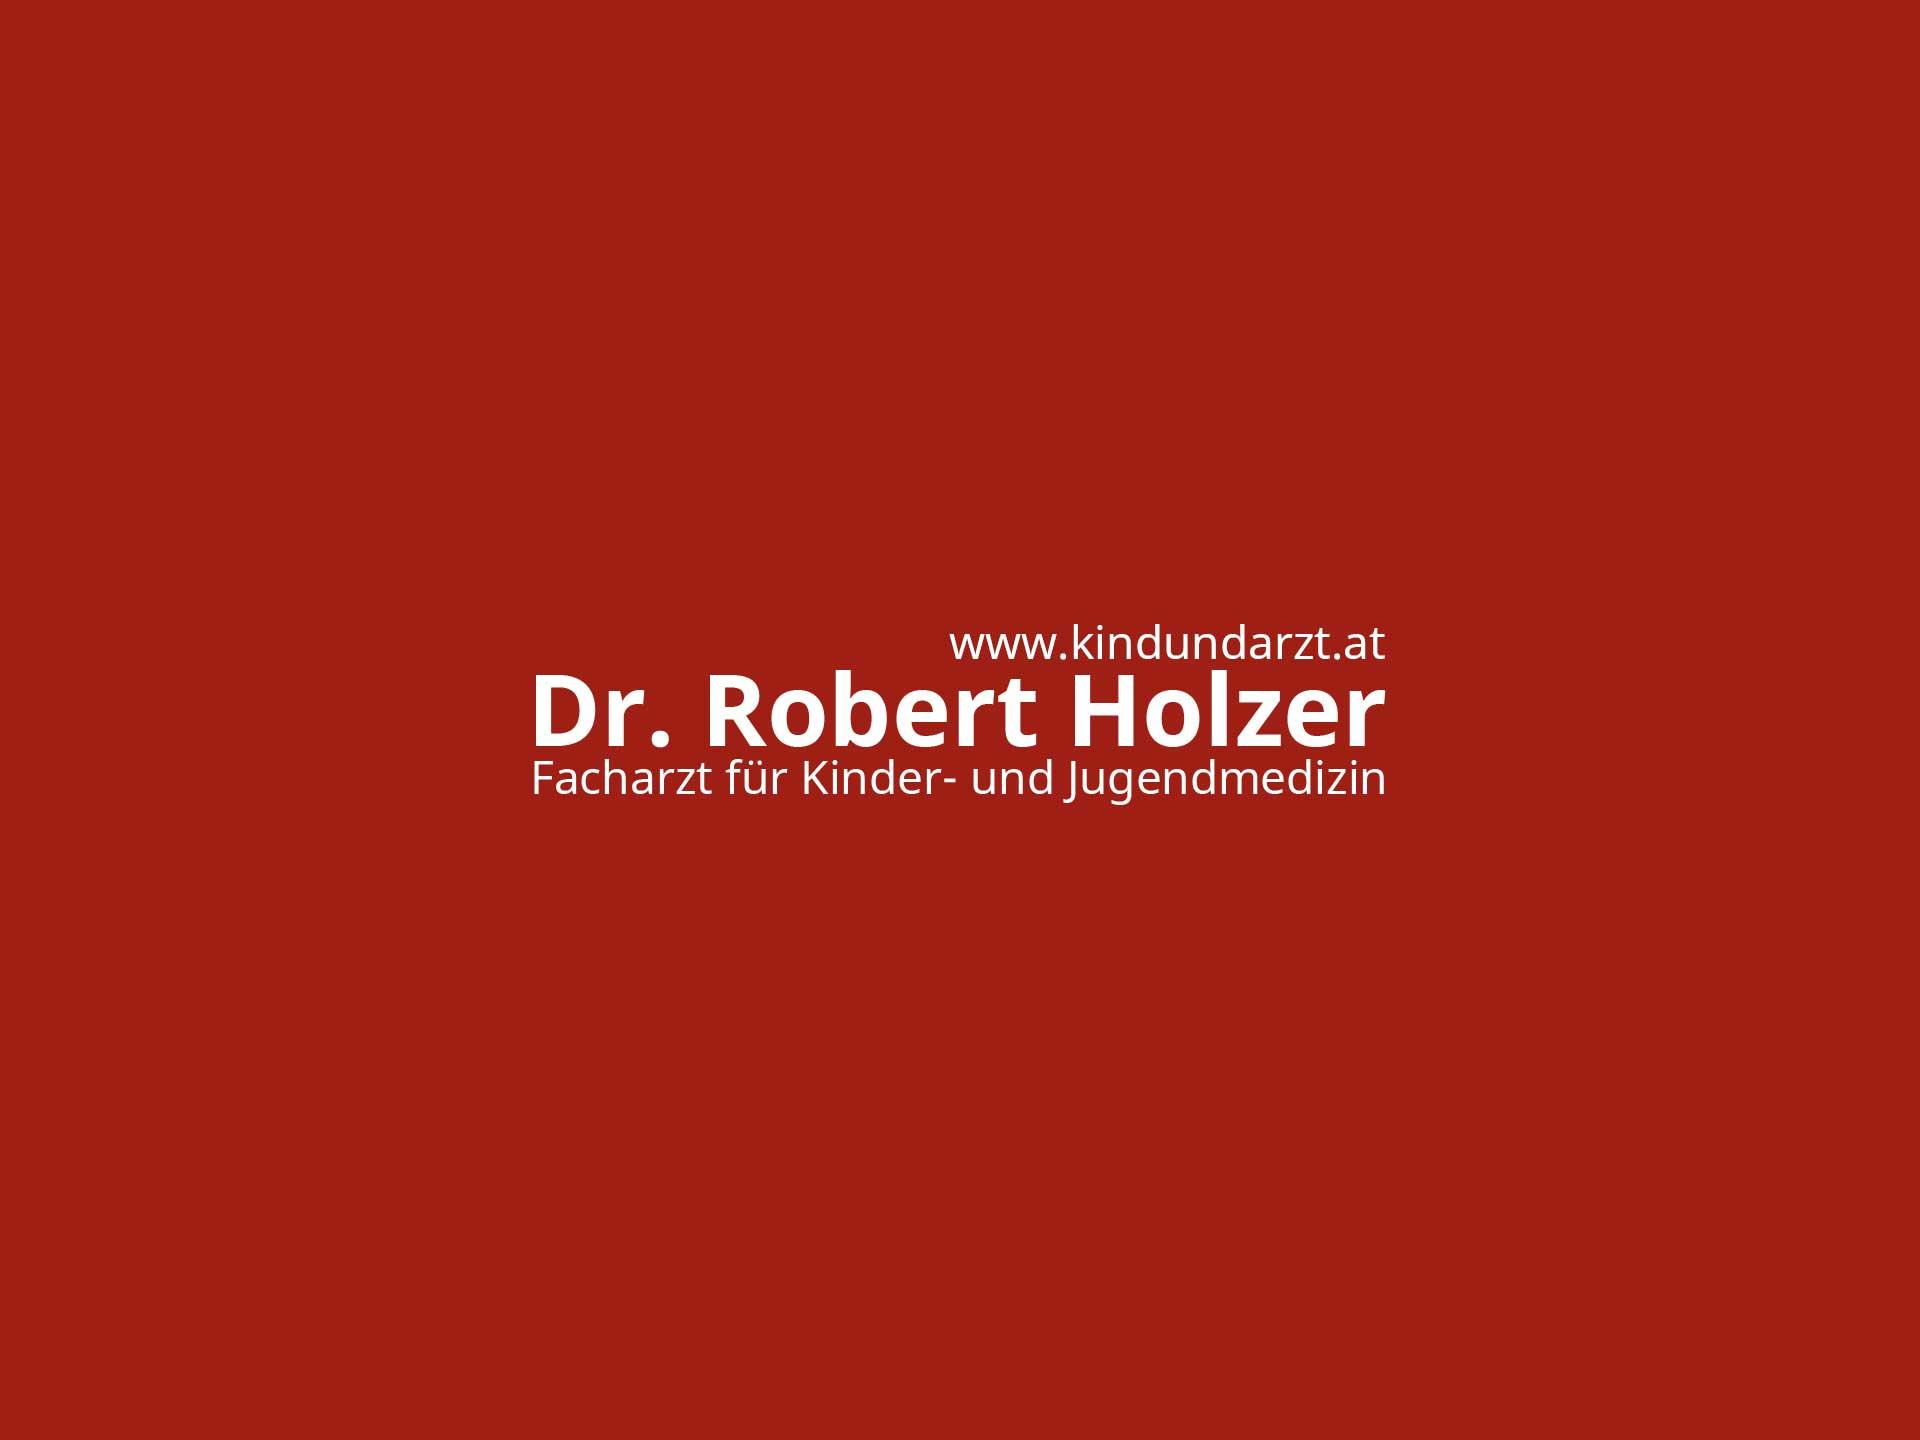 Dr-Robert-Holzer-Kind-und-arzt-Kinderarzt-Wien-19